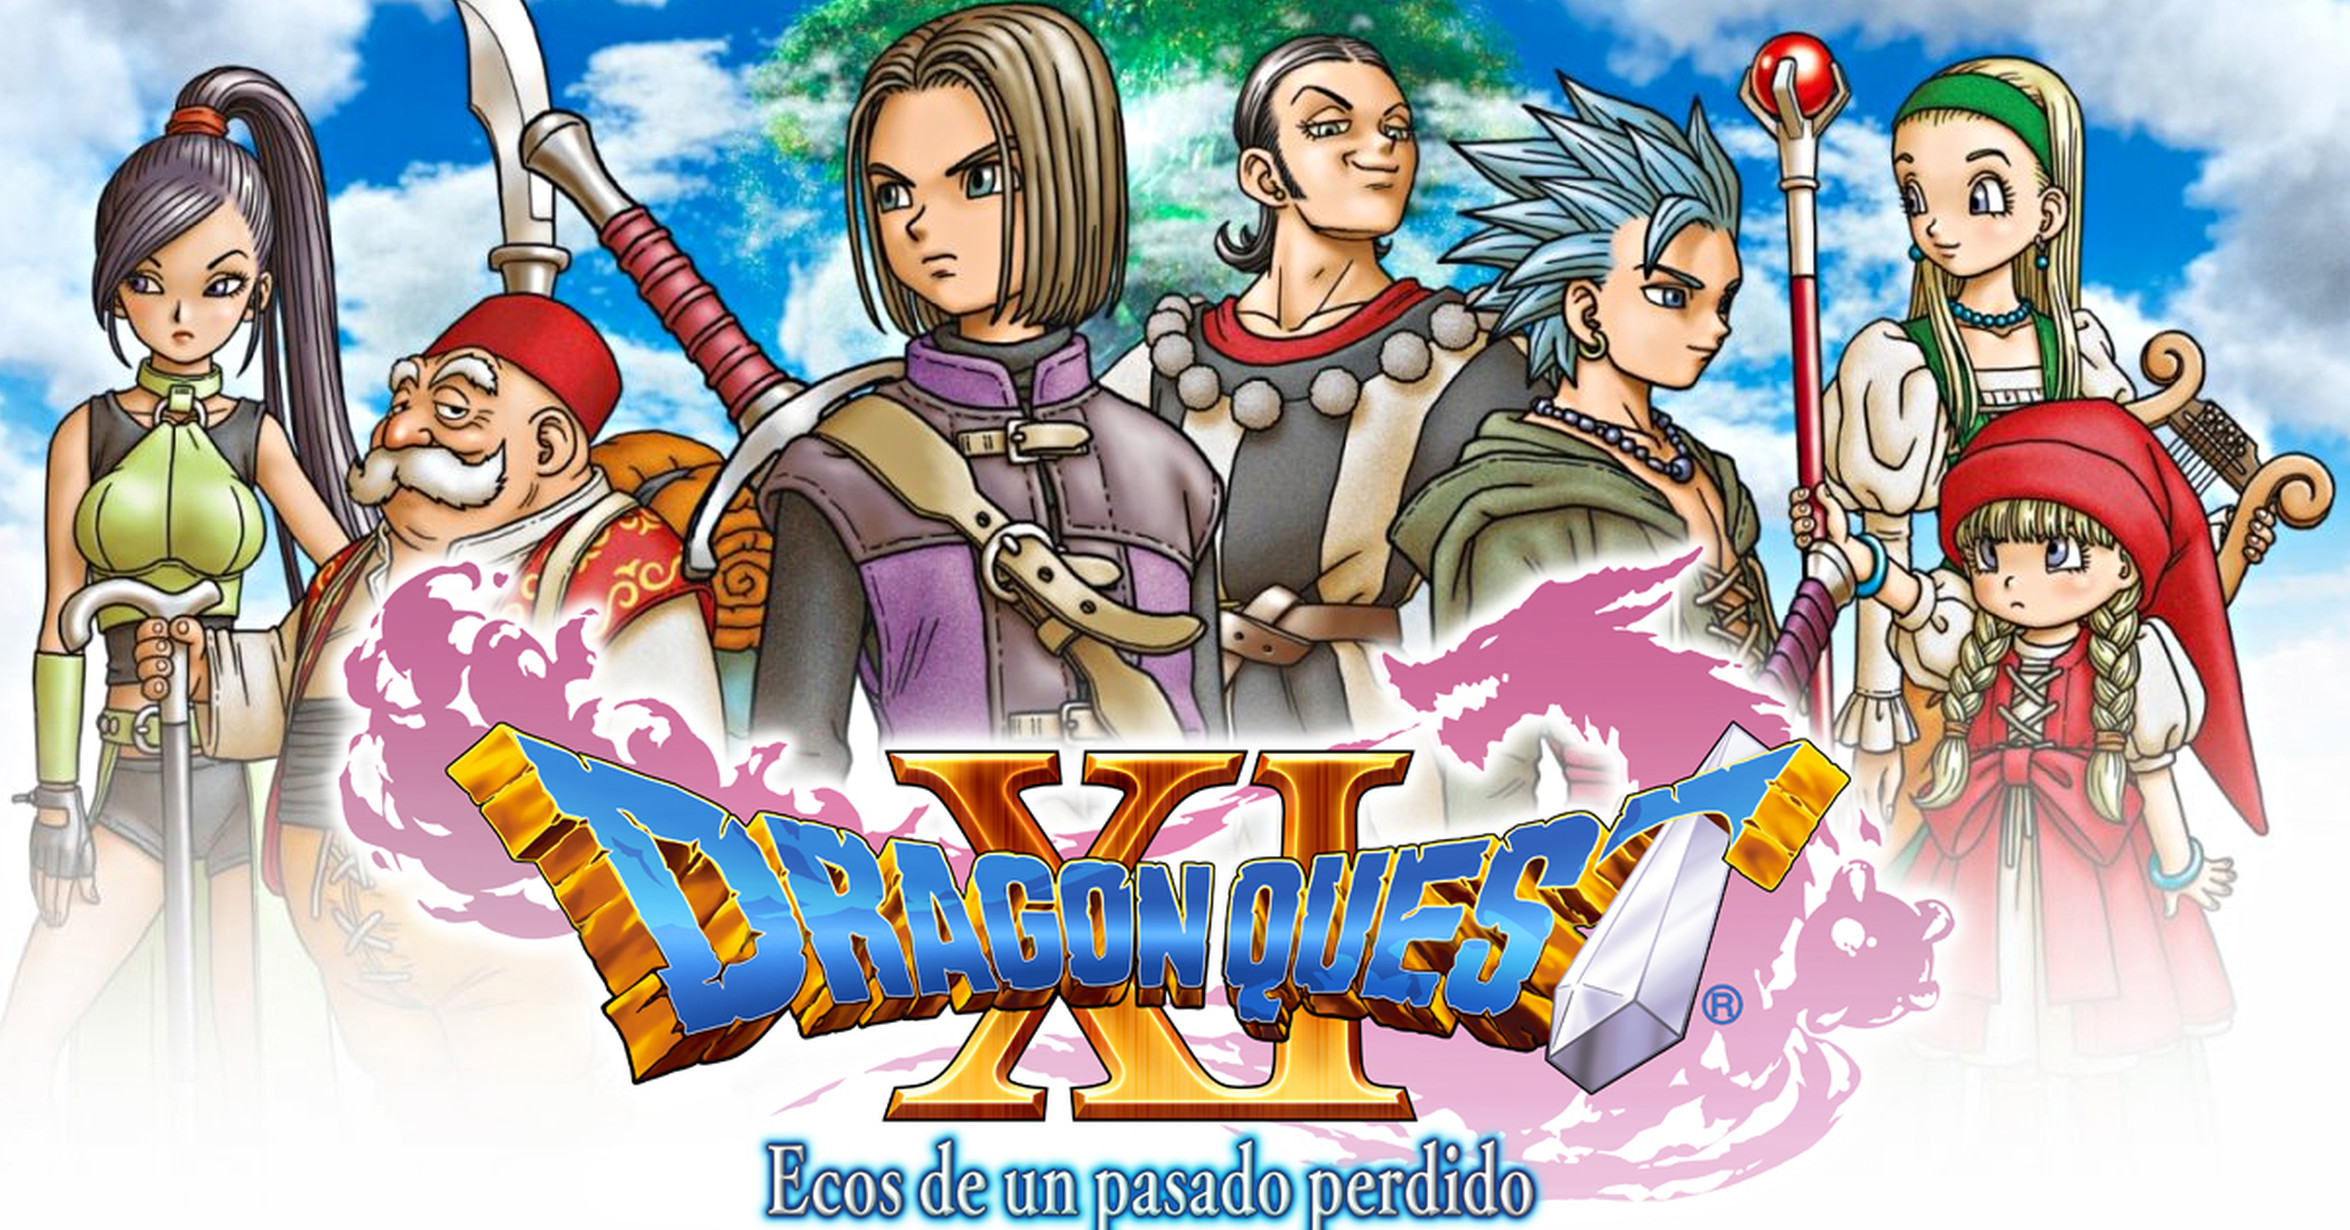 Post -- Dragon Quest XI -- 4 de Septiembre en Occidente E806a31b027cf32480635cb832446e9f_thumb_fb